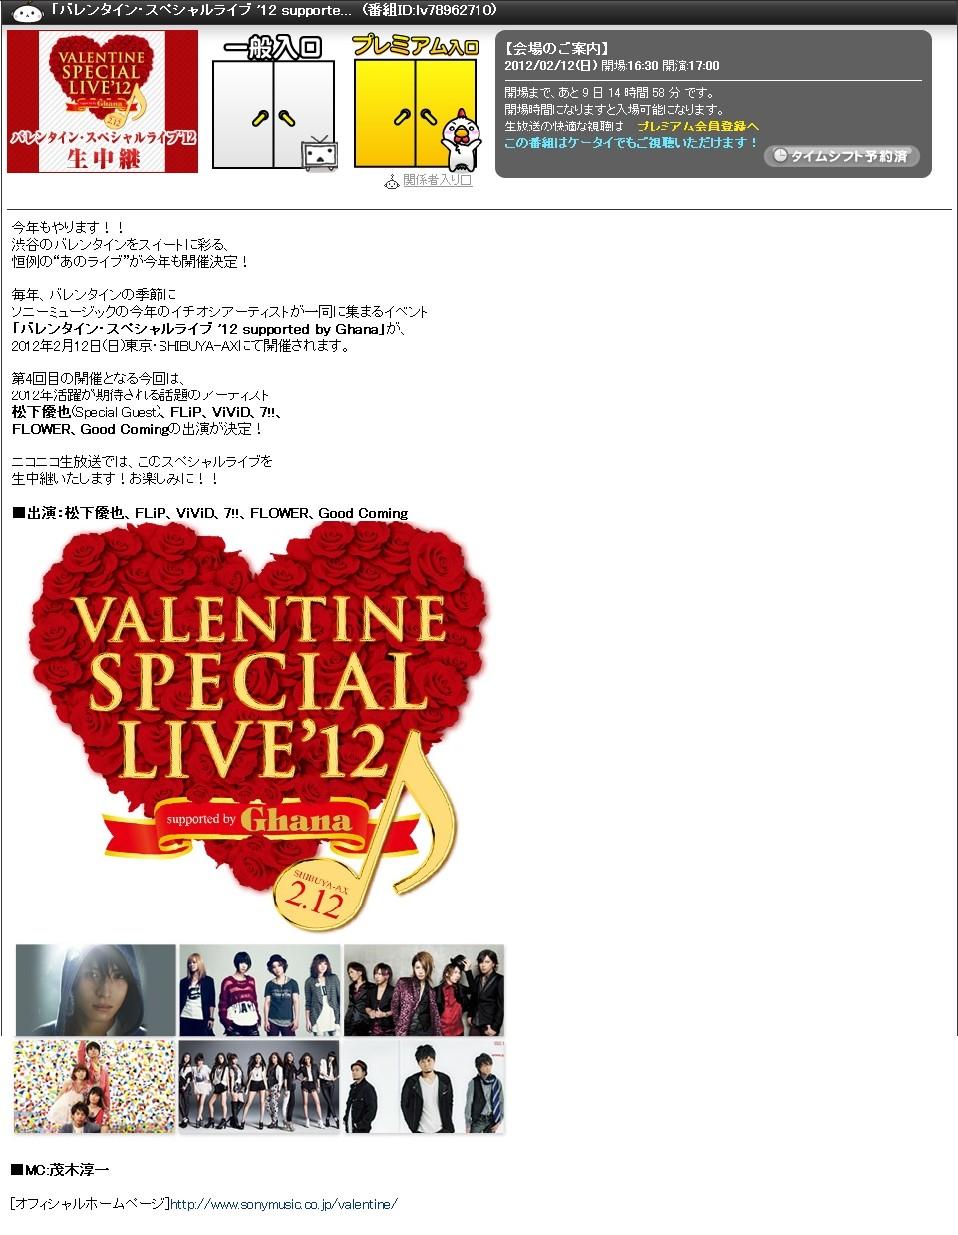 http://1.bp.blogspot.com/-V21Vp9lDmCs/Tyrs8mRKHzI/AAAAAAAAG_Y/y4cYLzVFW8U/s1600/tumblr_lyry9aa6AI1r0y5g0.jpg